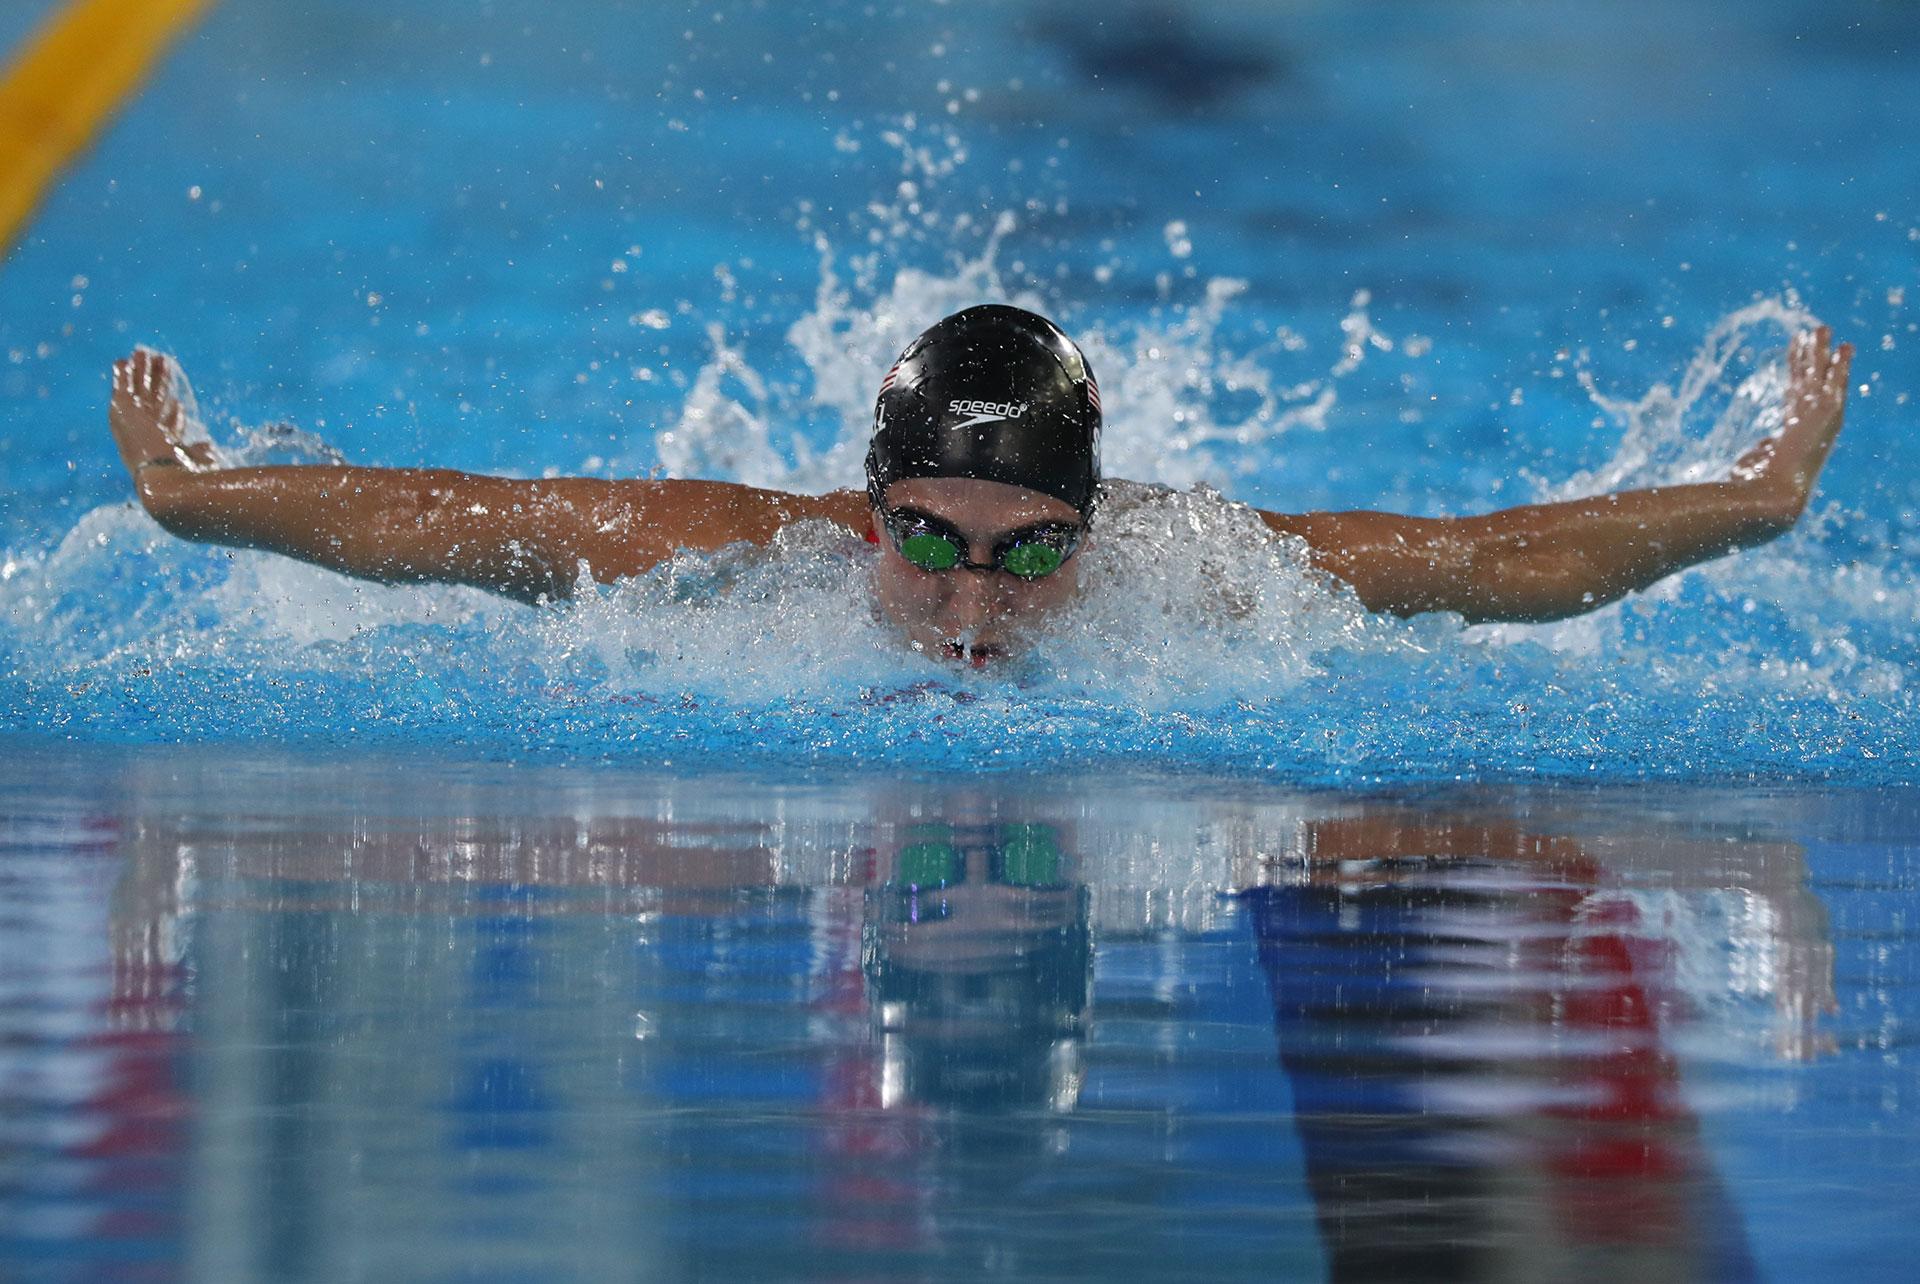 Meghan Small, de Estados Unidos, en acción en los 22 medley de natación